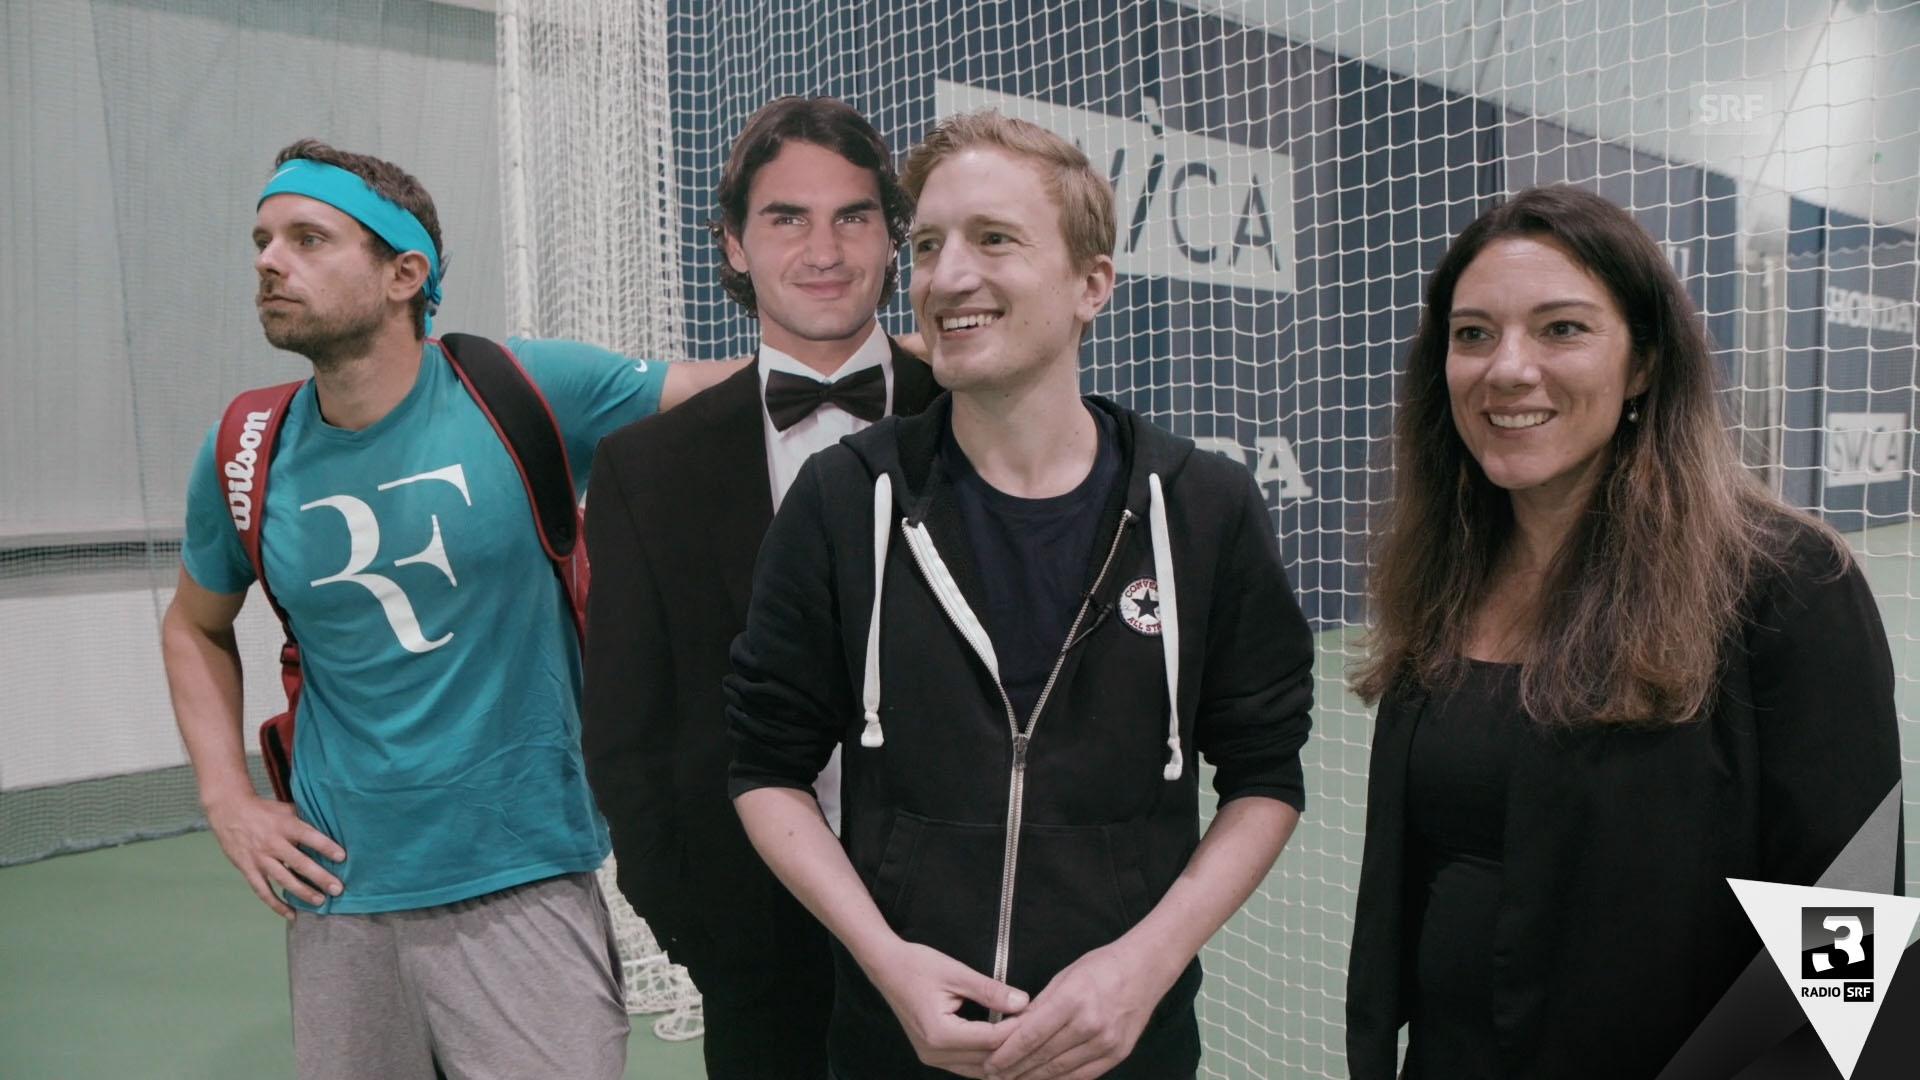 Büssi on Tour: Auf Roger-Federer-Wallfahrt in Biel